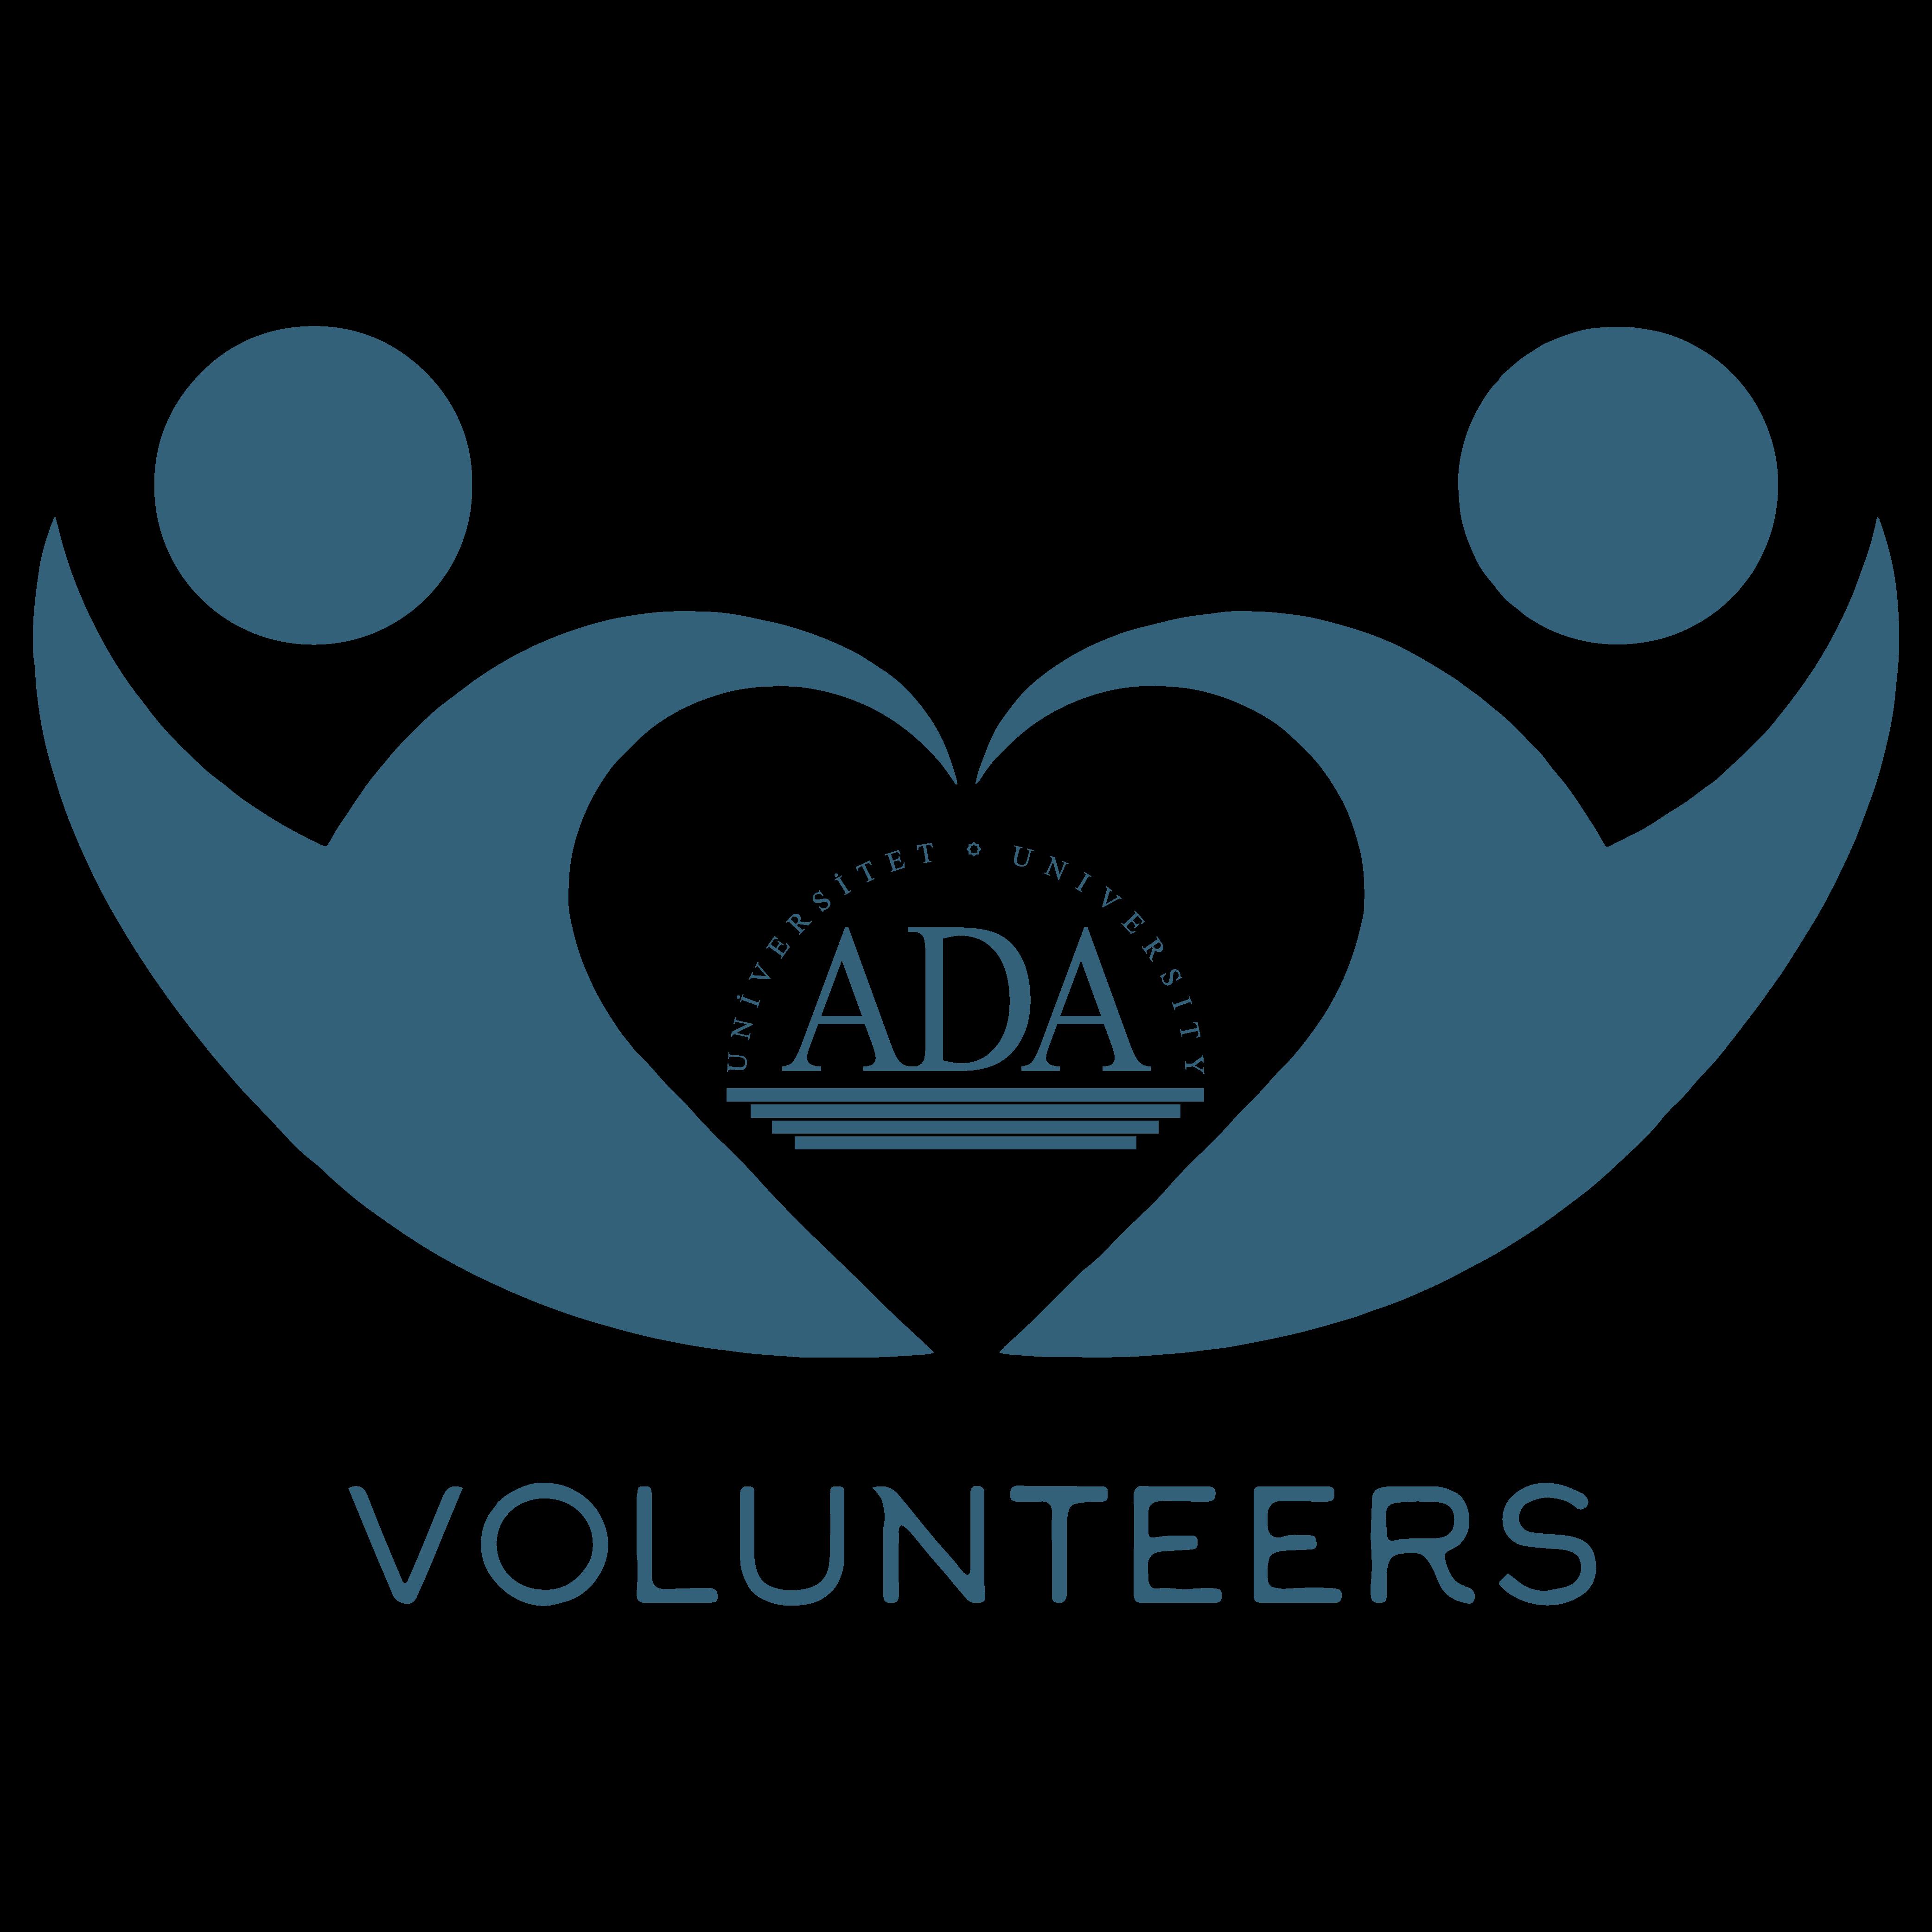 ADA Volunteers Movement